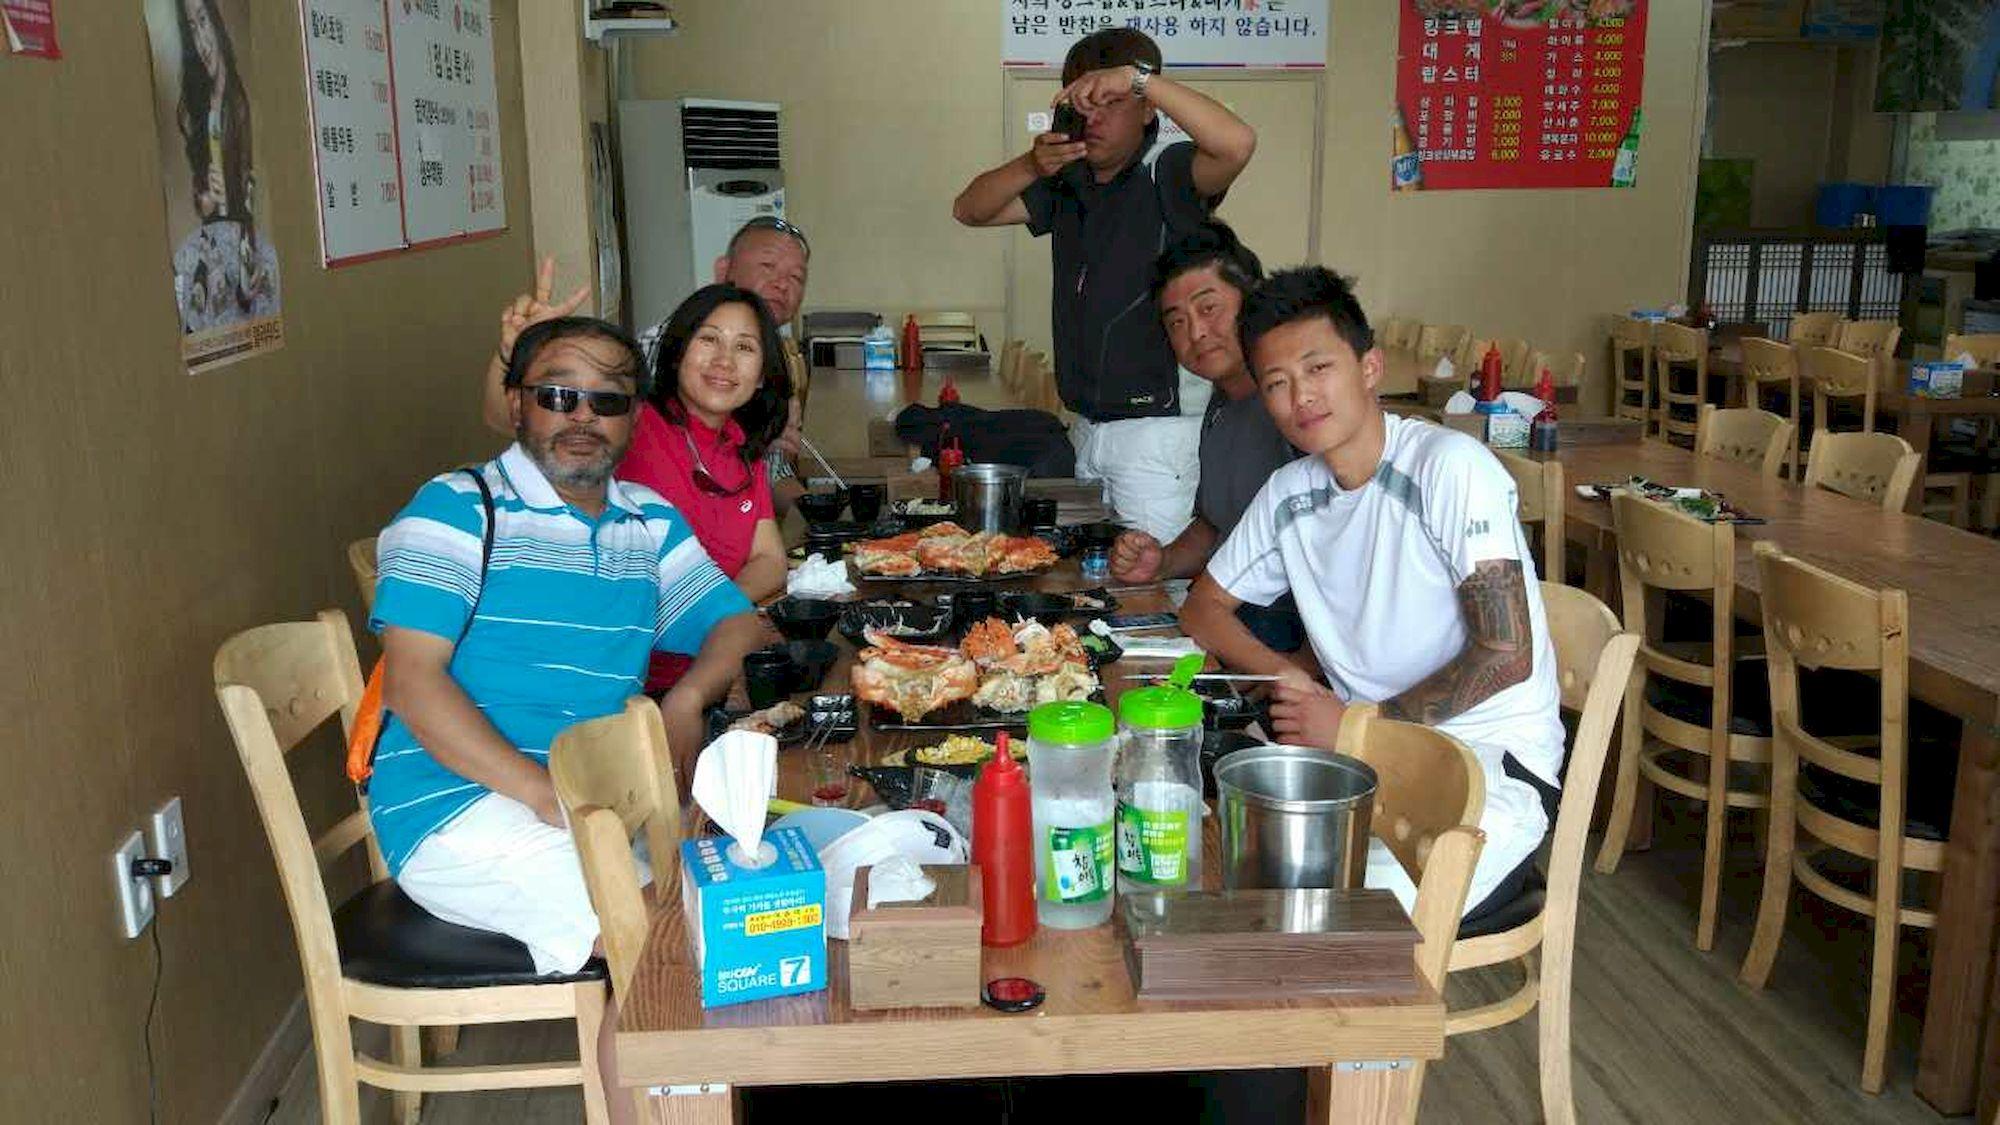 新西兰,跆拳道,俱乐部,拉力赛,青岛 向着太阳升起的地方出发:记第一次跨国远航-千航帆船-51航海网队-2016威海仁川 026-IMG_3235_千帆俱乐部我要航海网帆船队-2016威海-仁川国际帆船赛.JPG